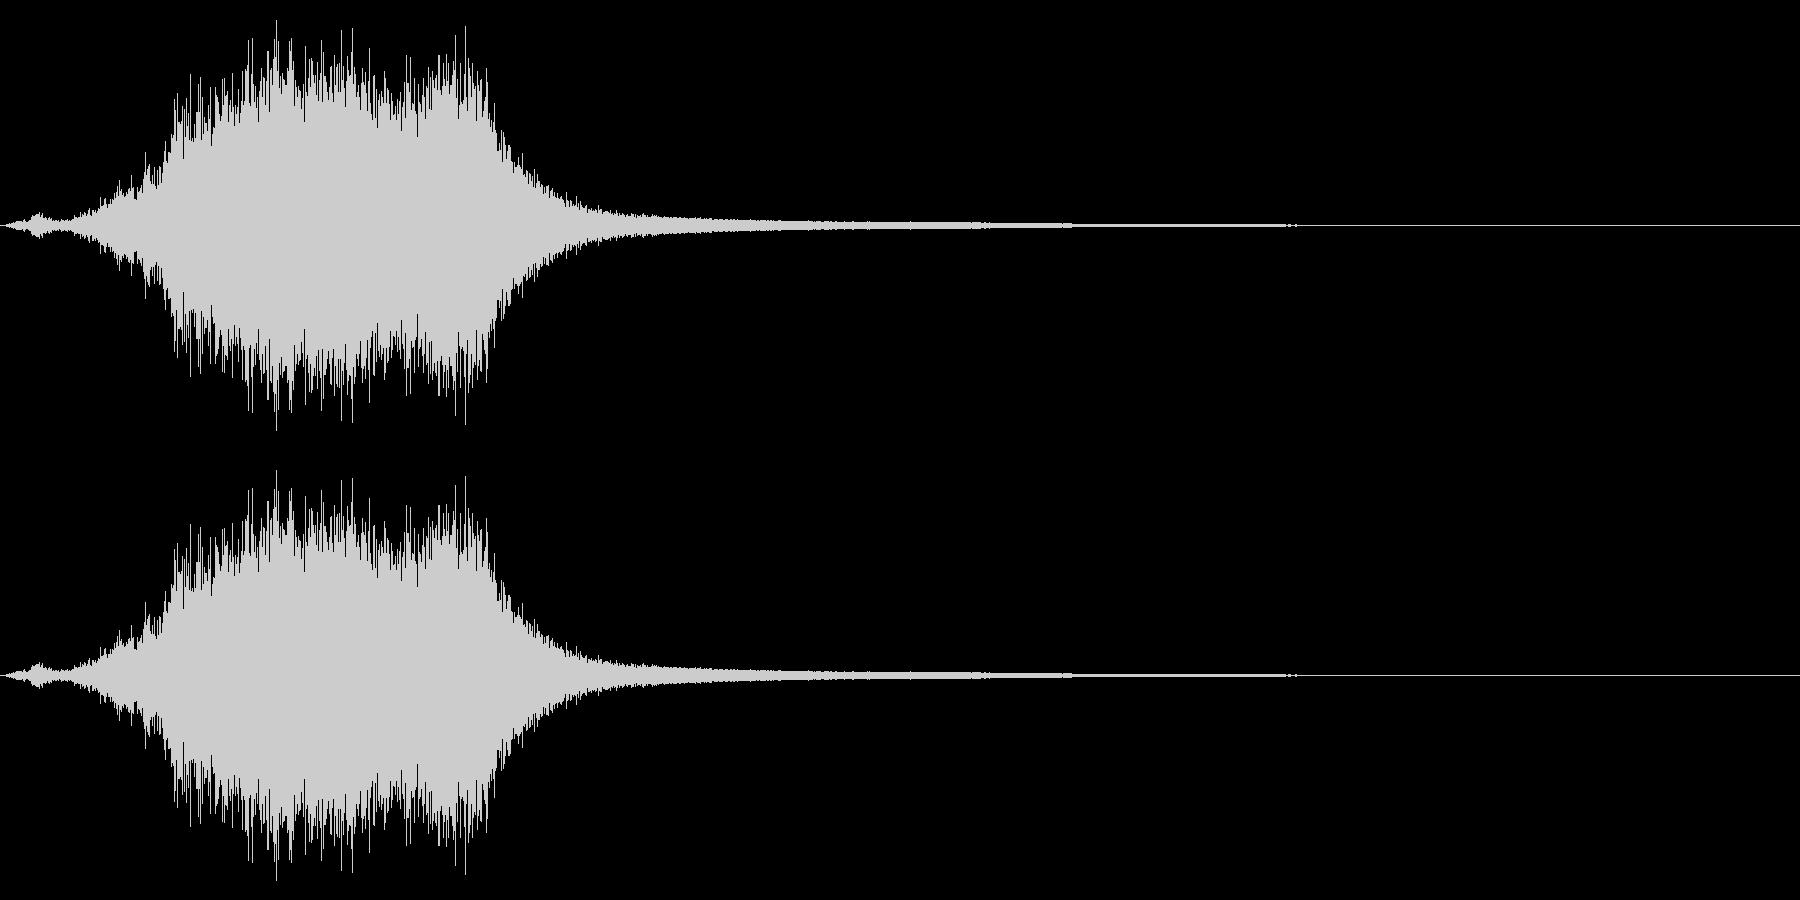 シャキーン☆剣を鞘から抜く音2の未再生の波形